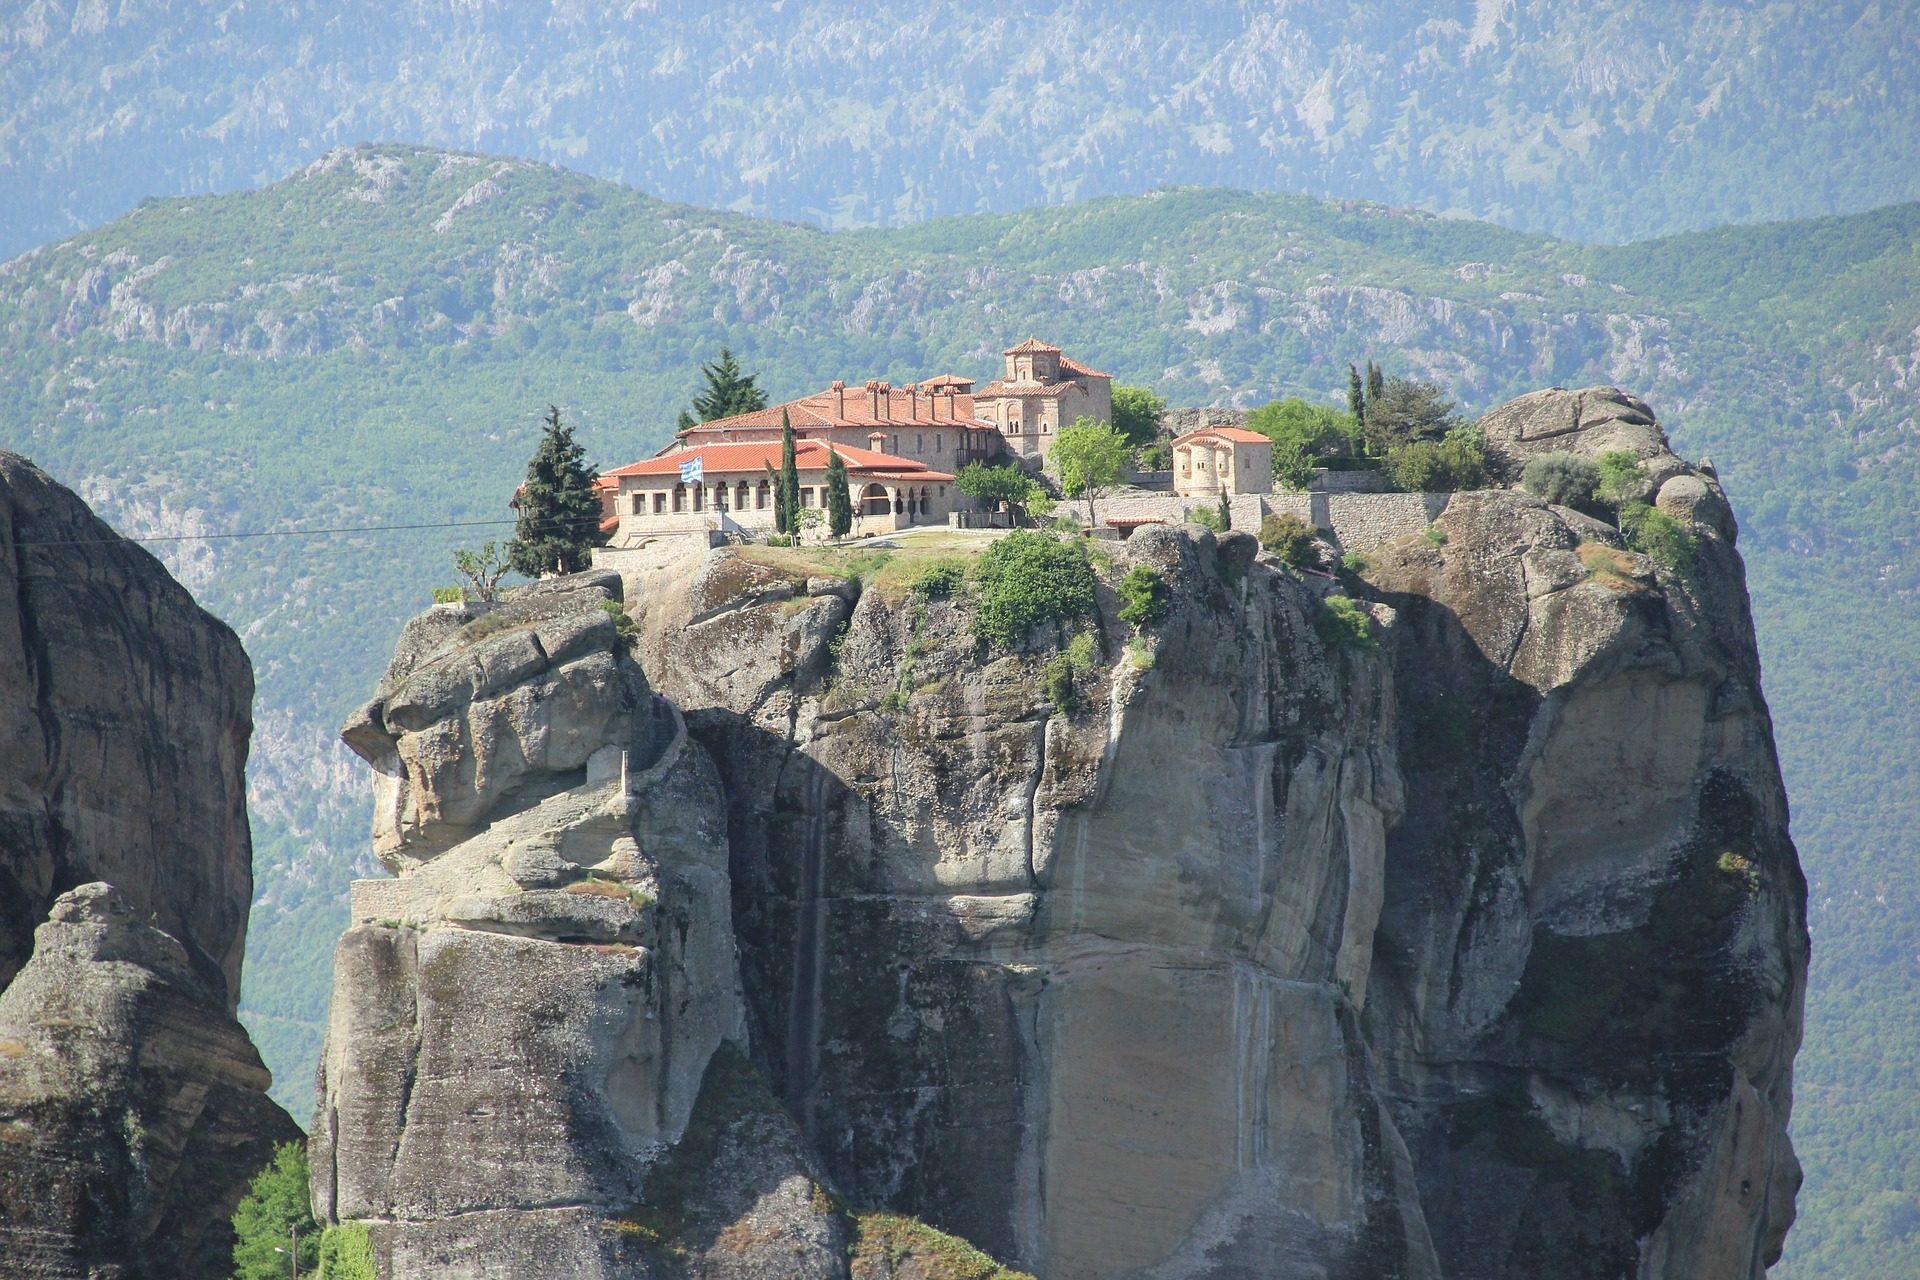 Kloster, Nach oben, Roca, Berg, Meteora, Griechenland - Wallpaper HD - Prof.-falken.com